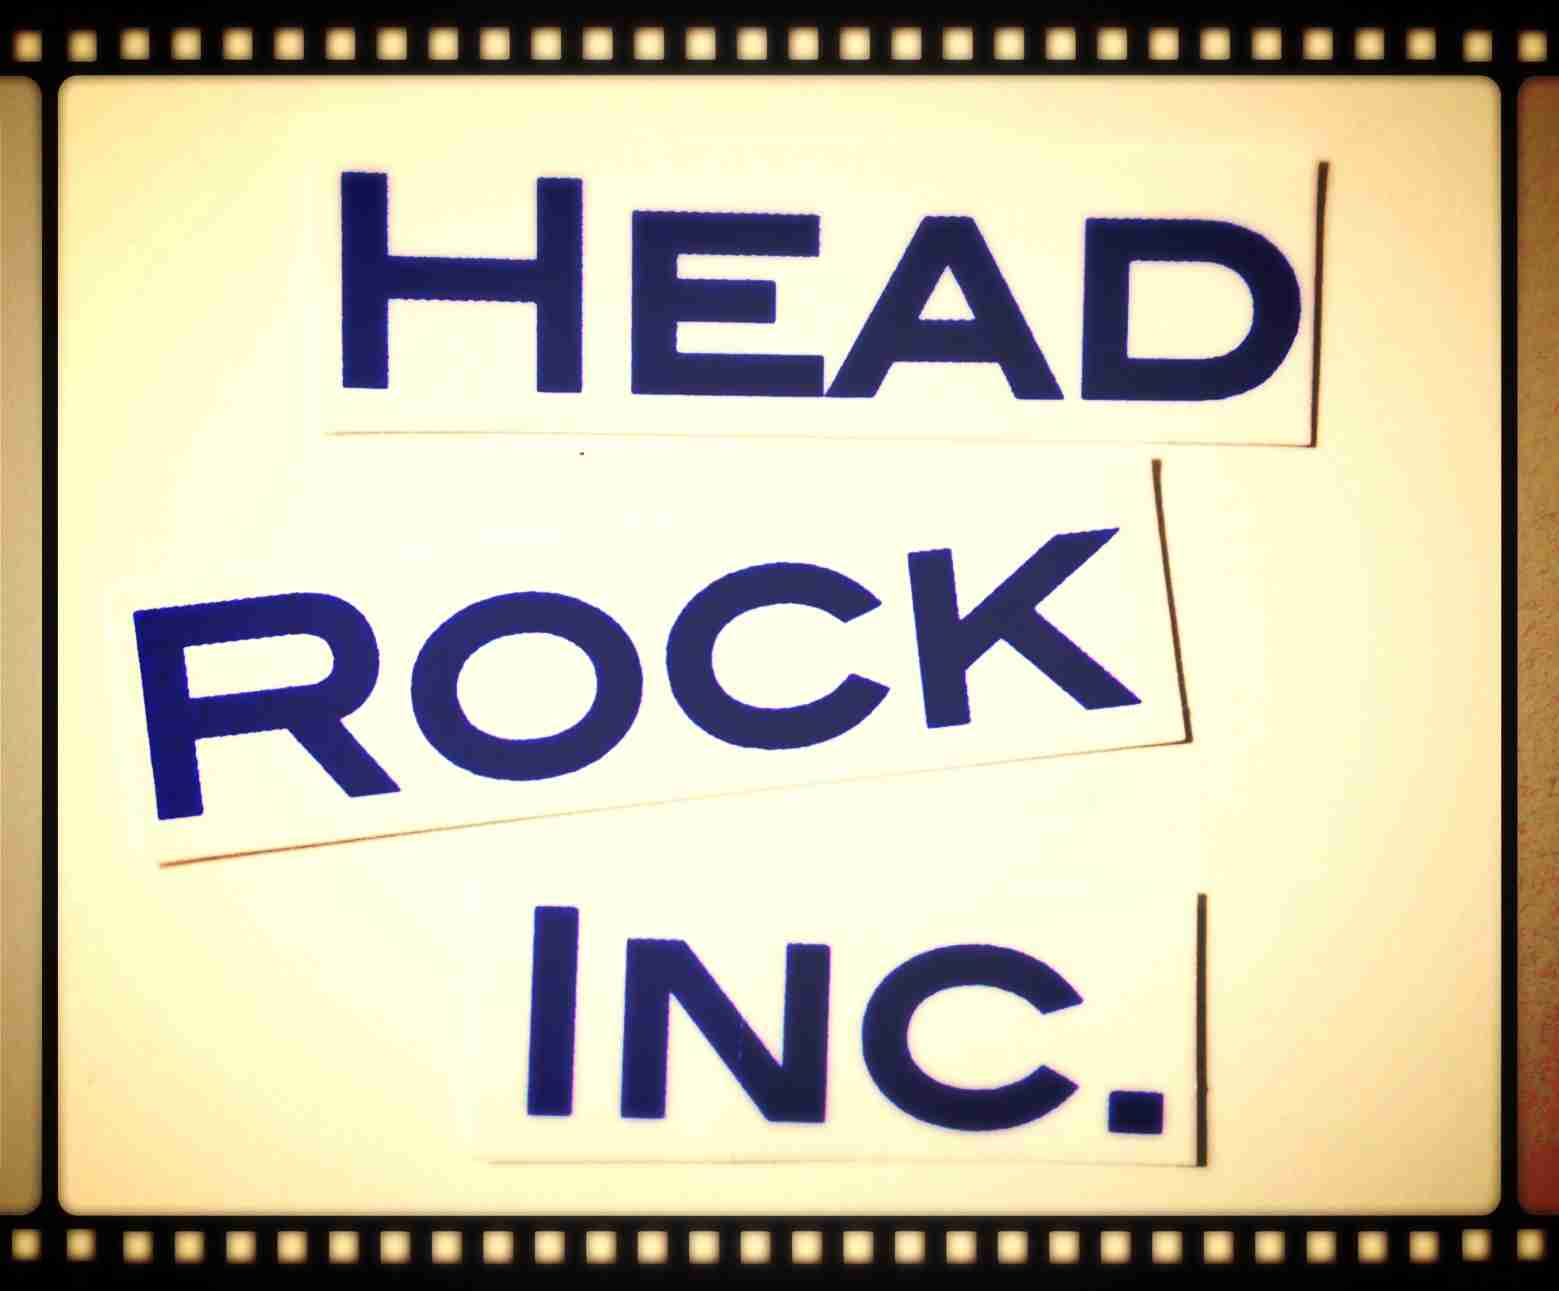 有限会社ヘッドロック.豊原功補事務所オフィシャルサイト.HEADROCK Inc.   日本   HEADROCK Inc.